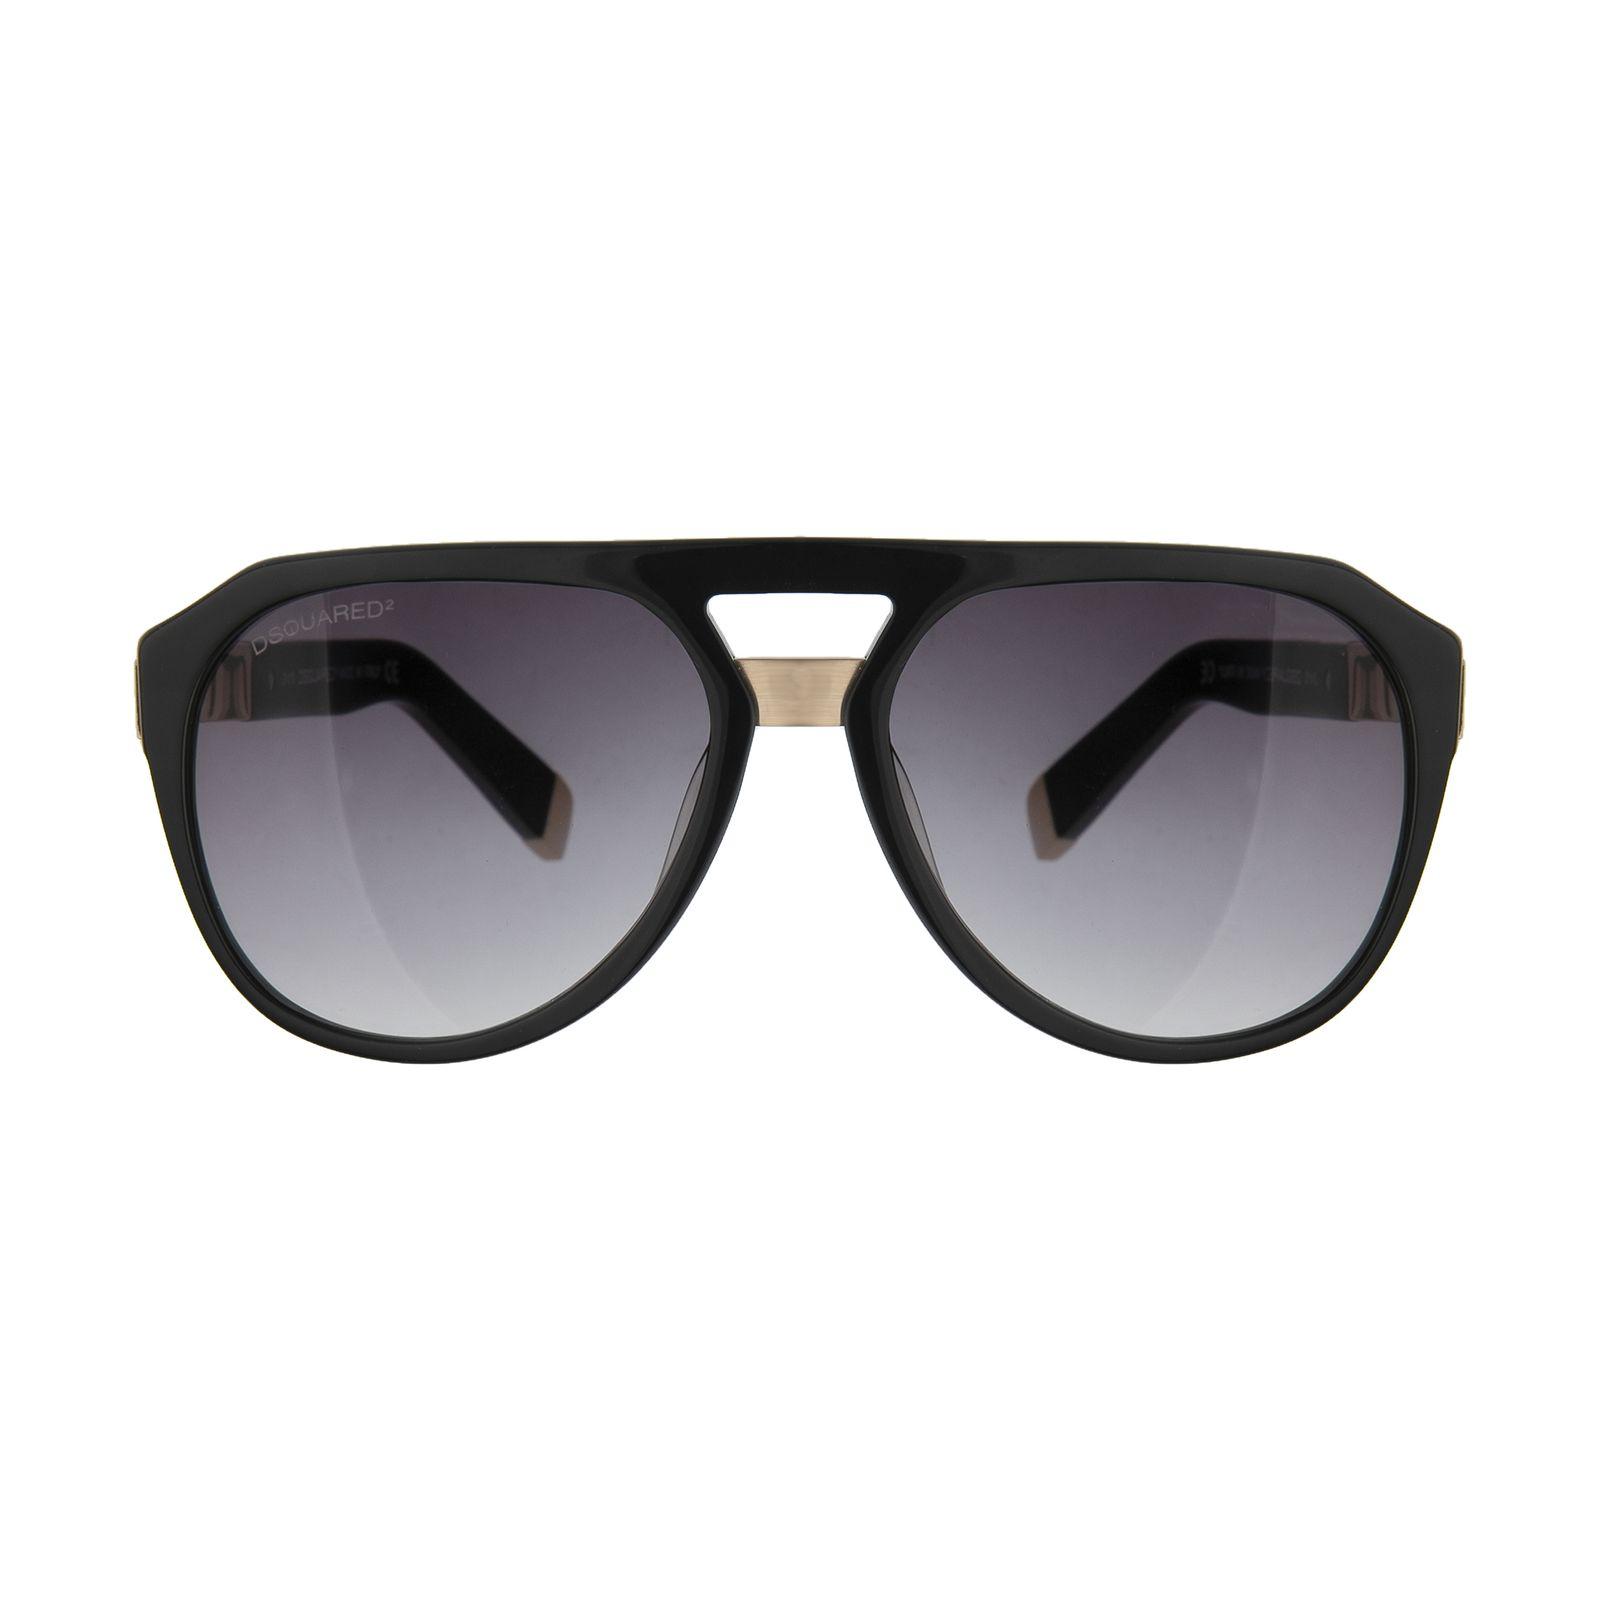 عینک آفتابی  دیسکوارد مدل 0027 -  - 2